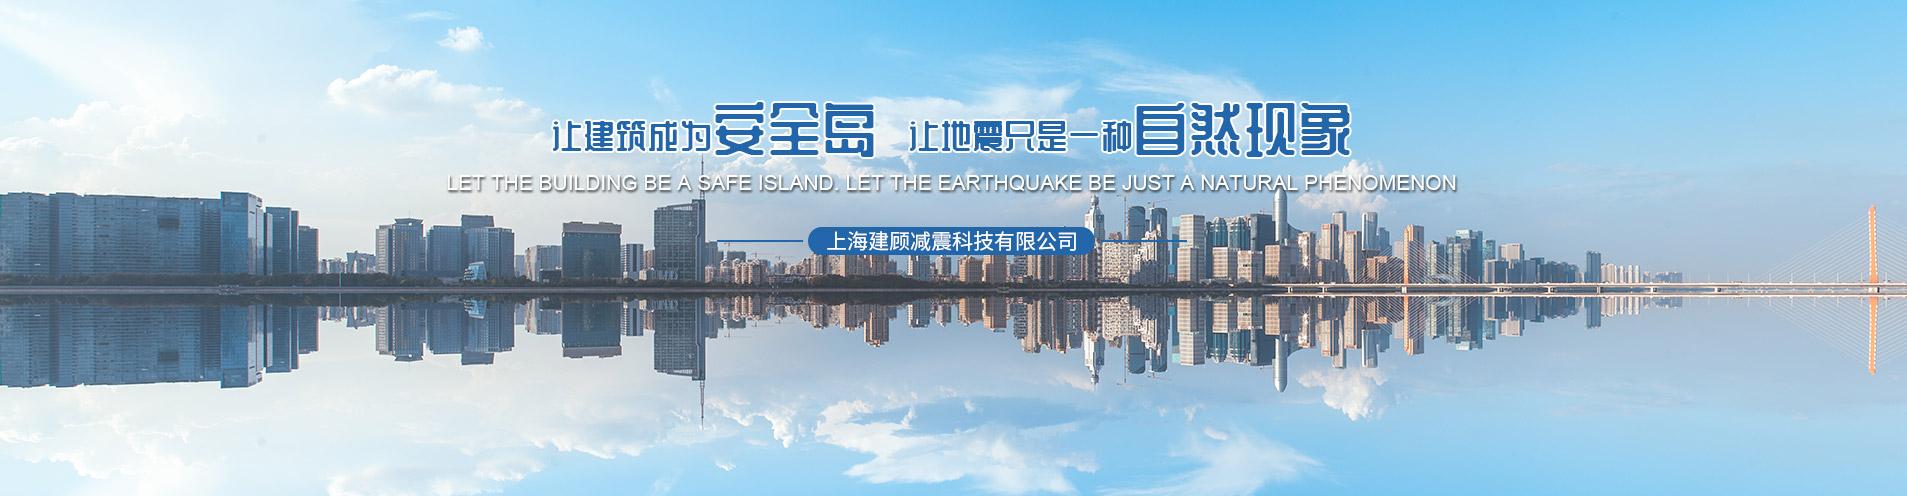 上海建顾减震科技有限公司